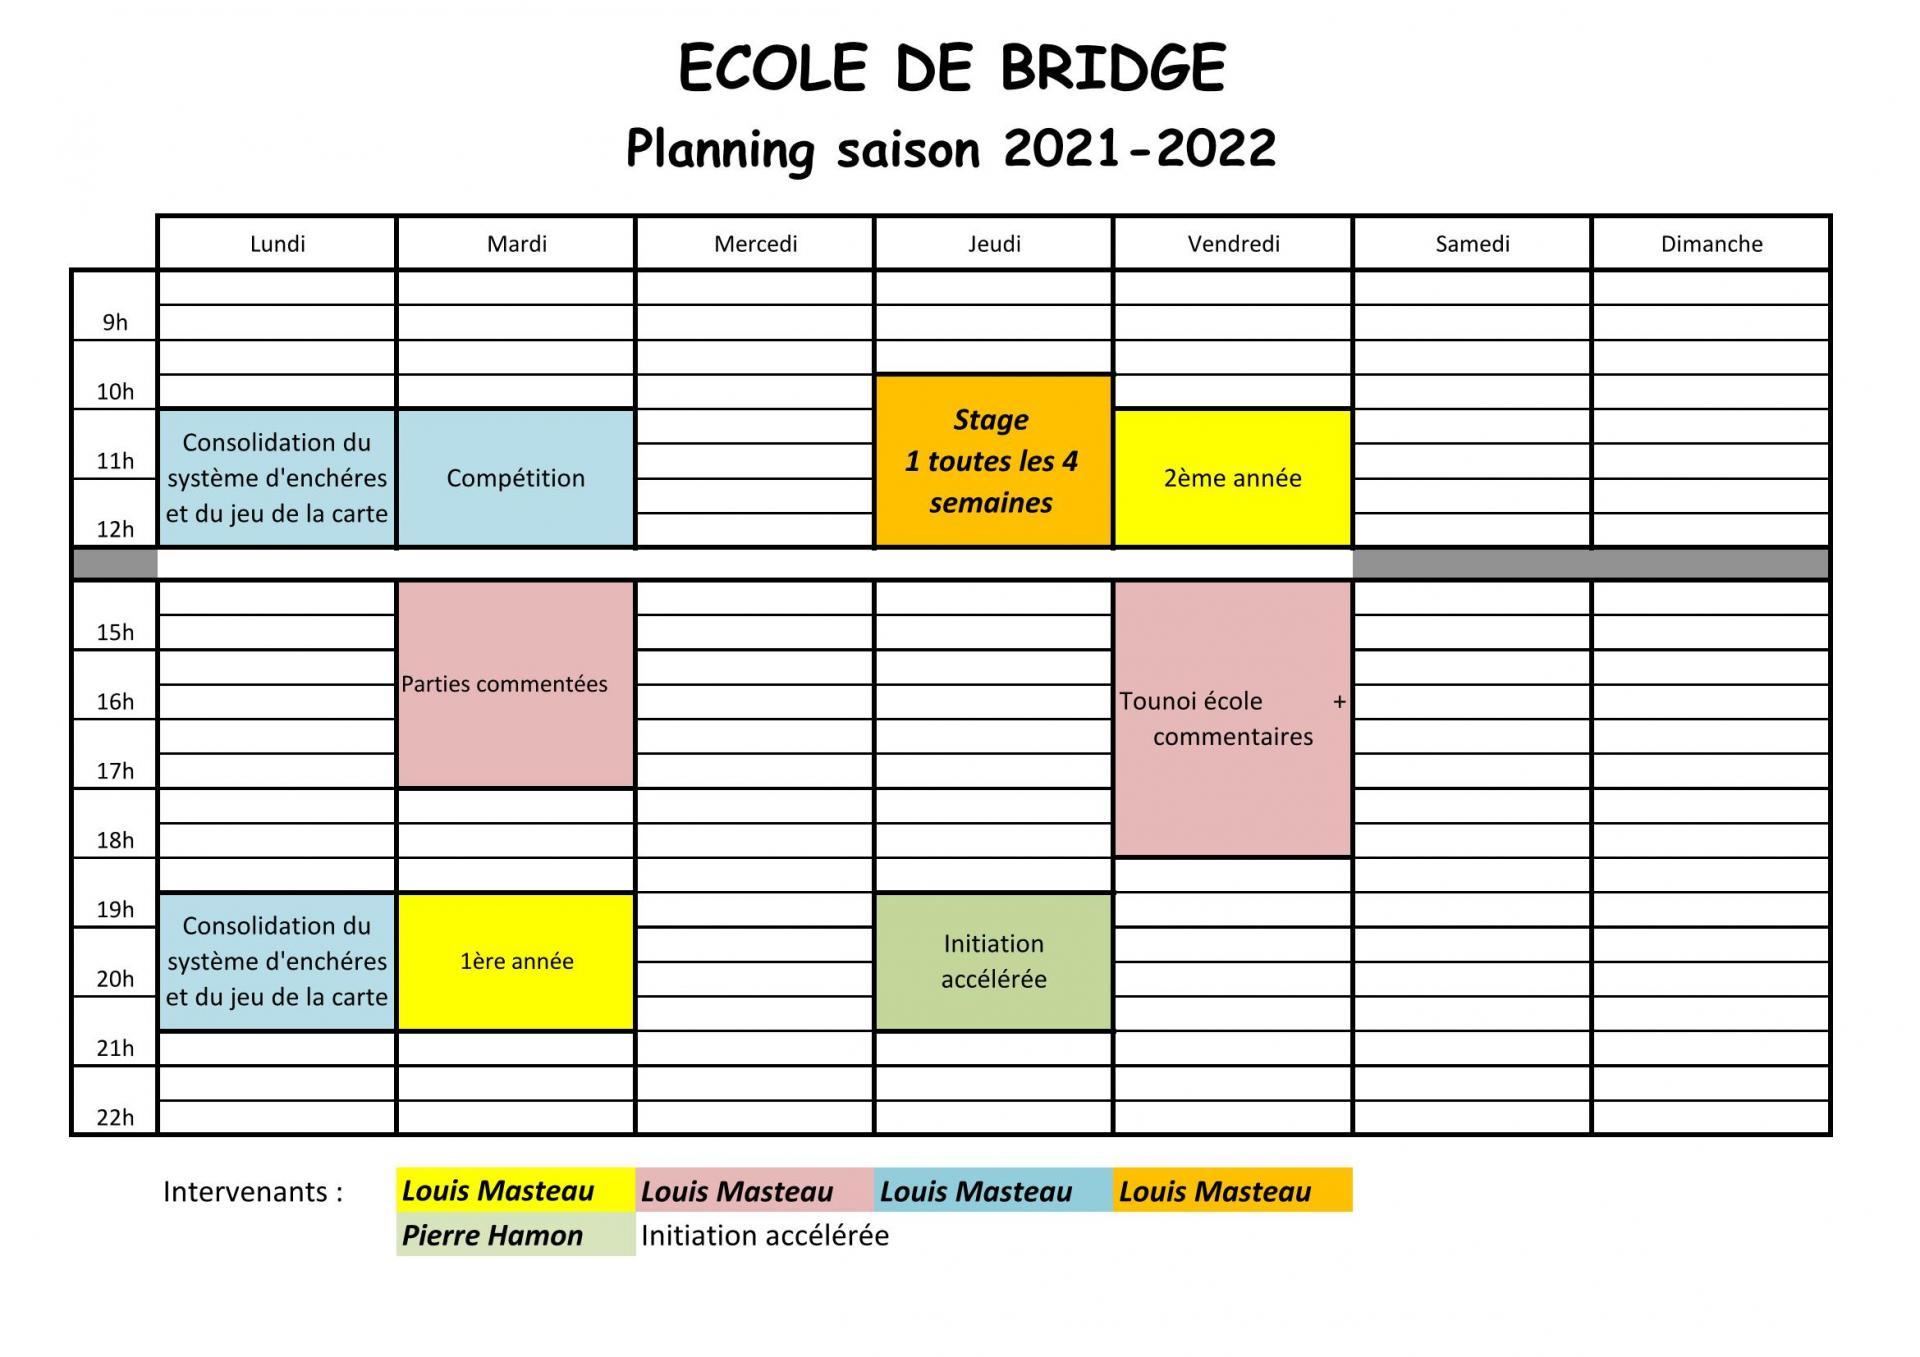 2021 2022 planning ecole de bridge page 1